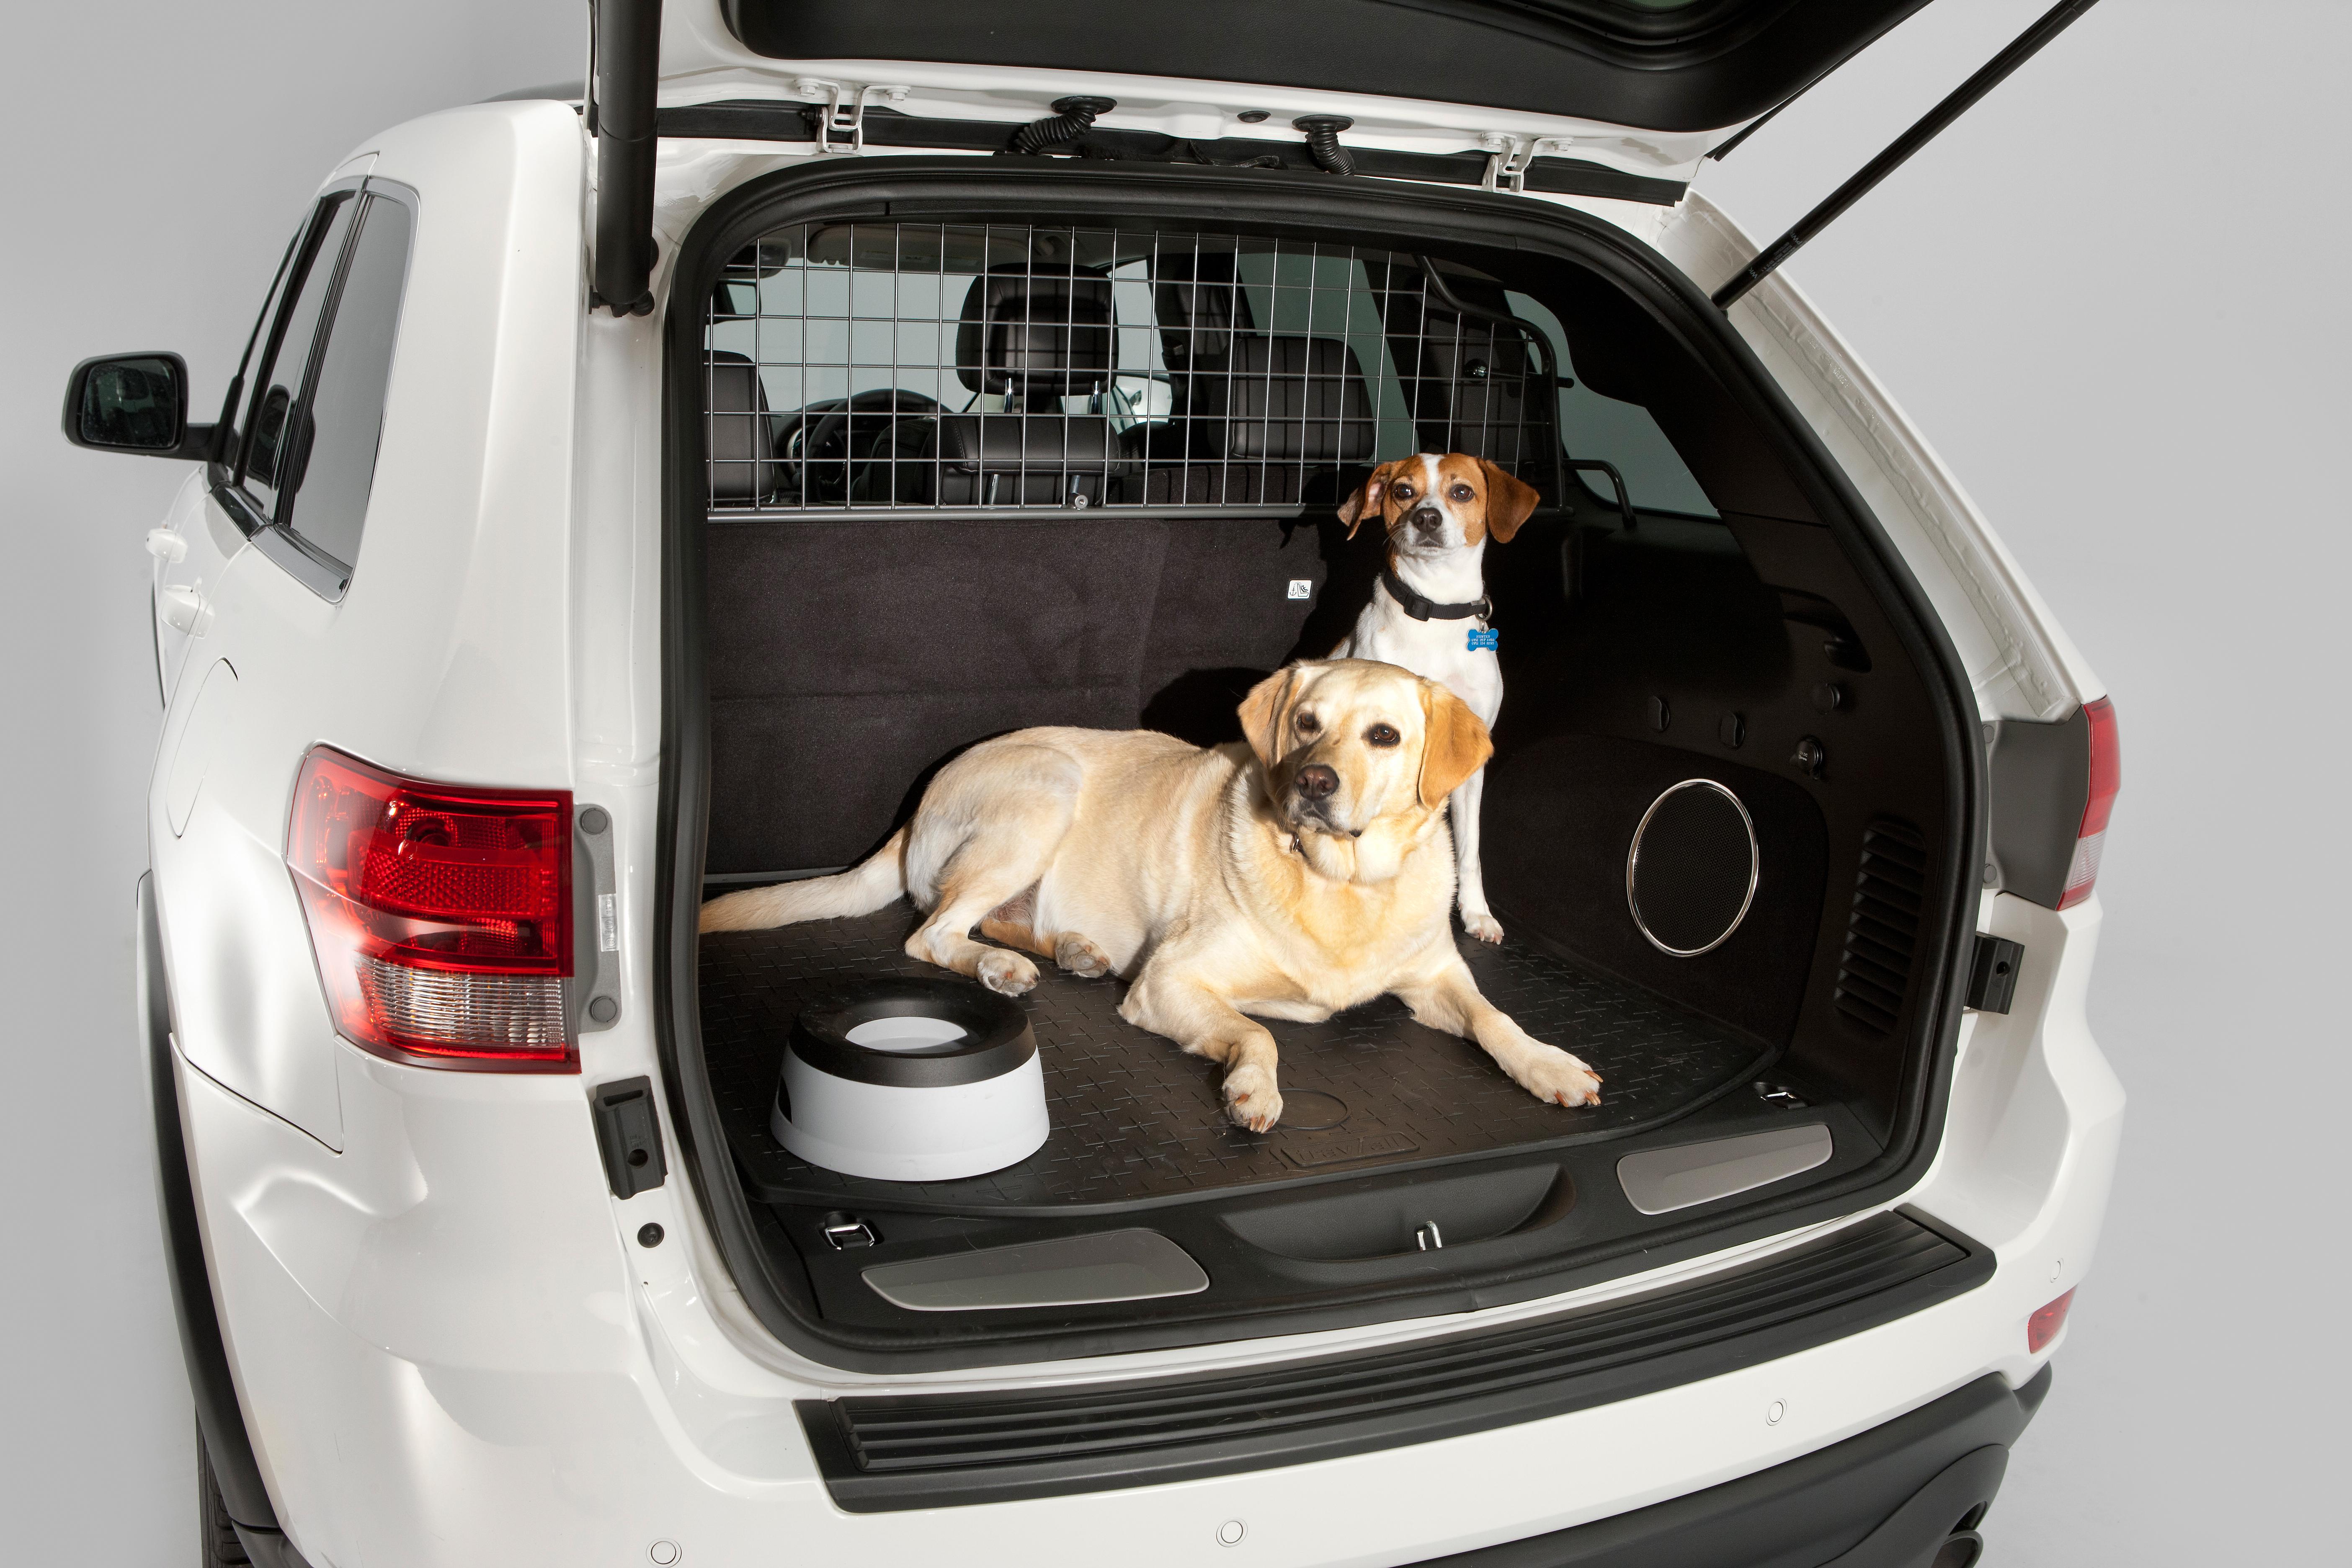 voyager en voiture avec votre chien en toute s curit gublog gudog fr blog. Black Bedroom Furniture Sets. Home Design Ideas